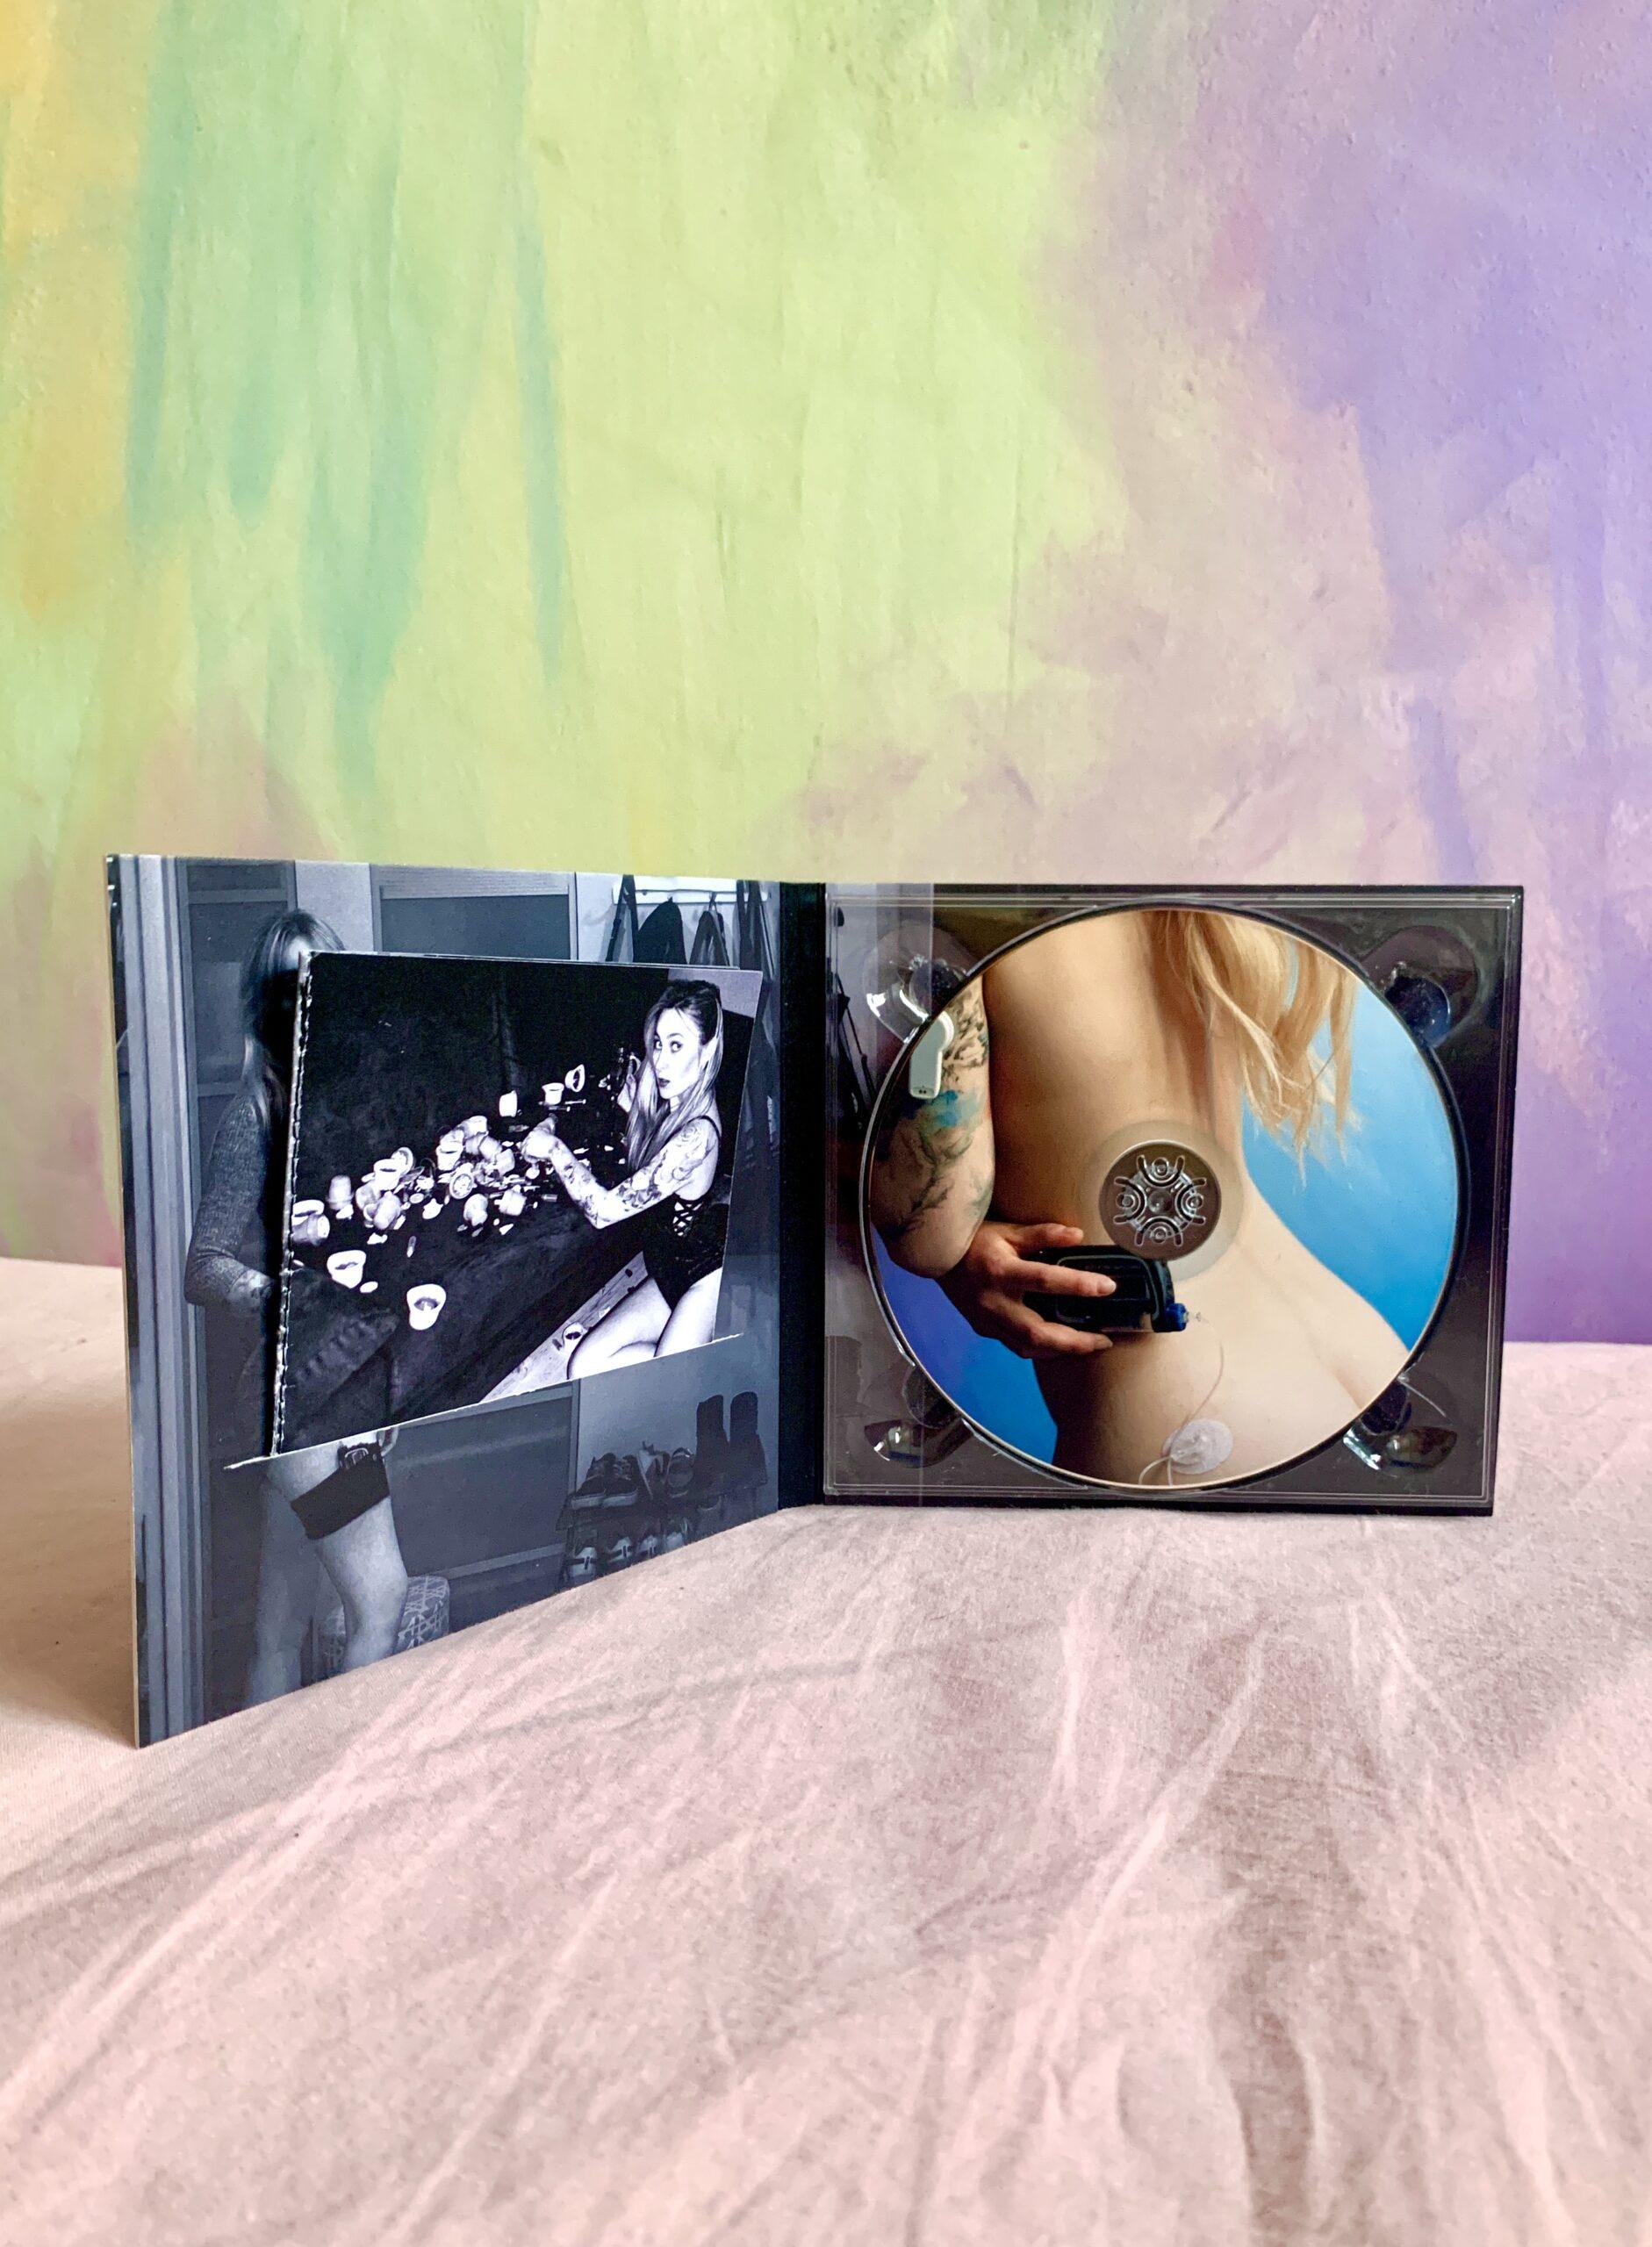 Fotografia płyty zaprojektowanej przez artystkę. Płyta zawiera wcześniej opisane fotografie.